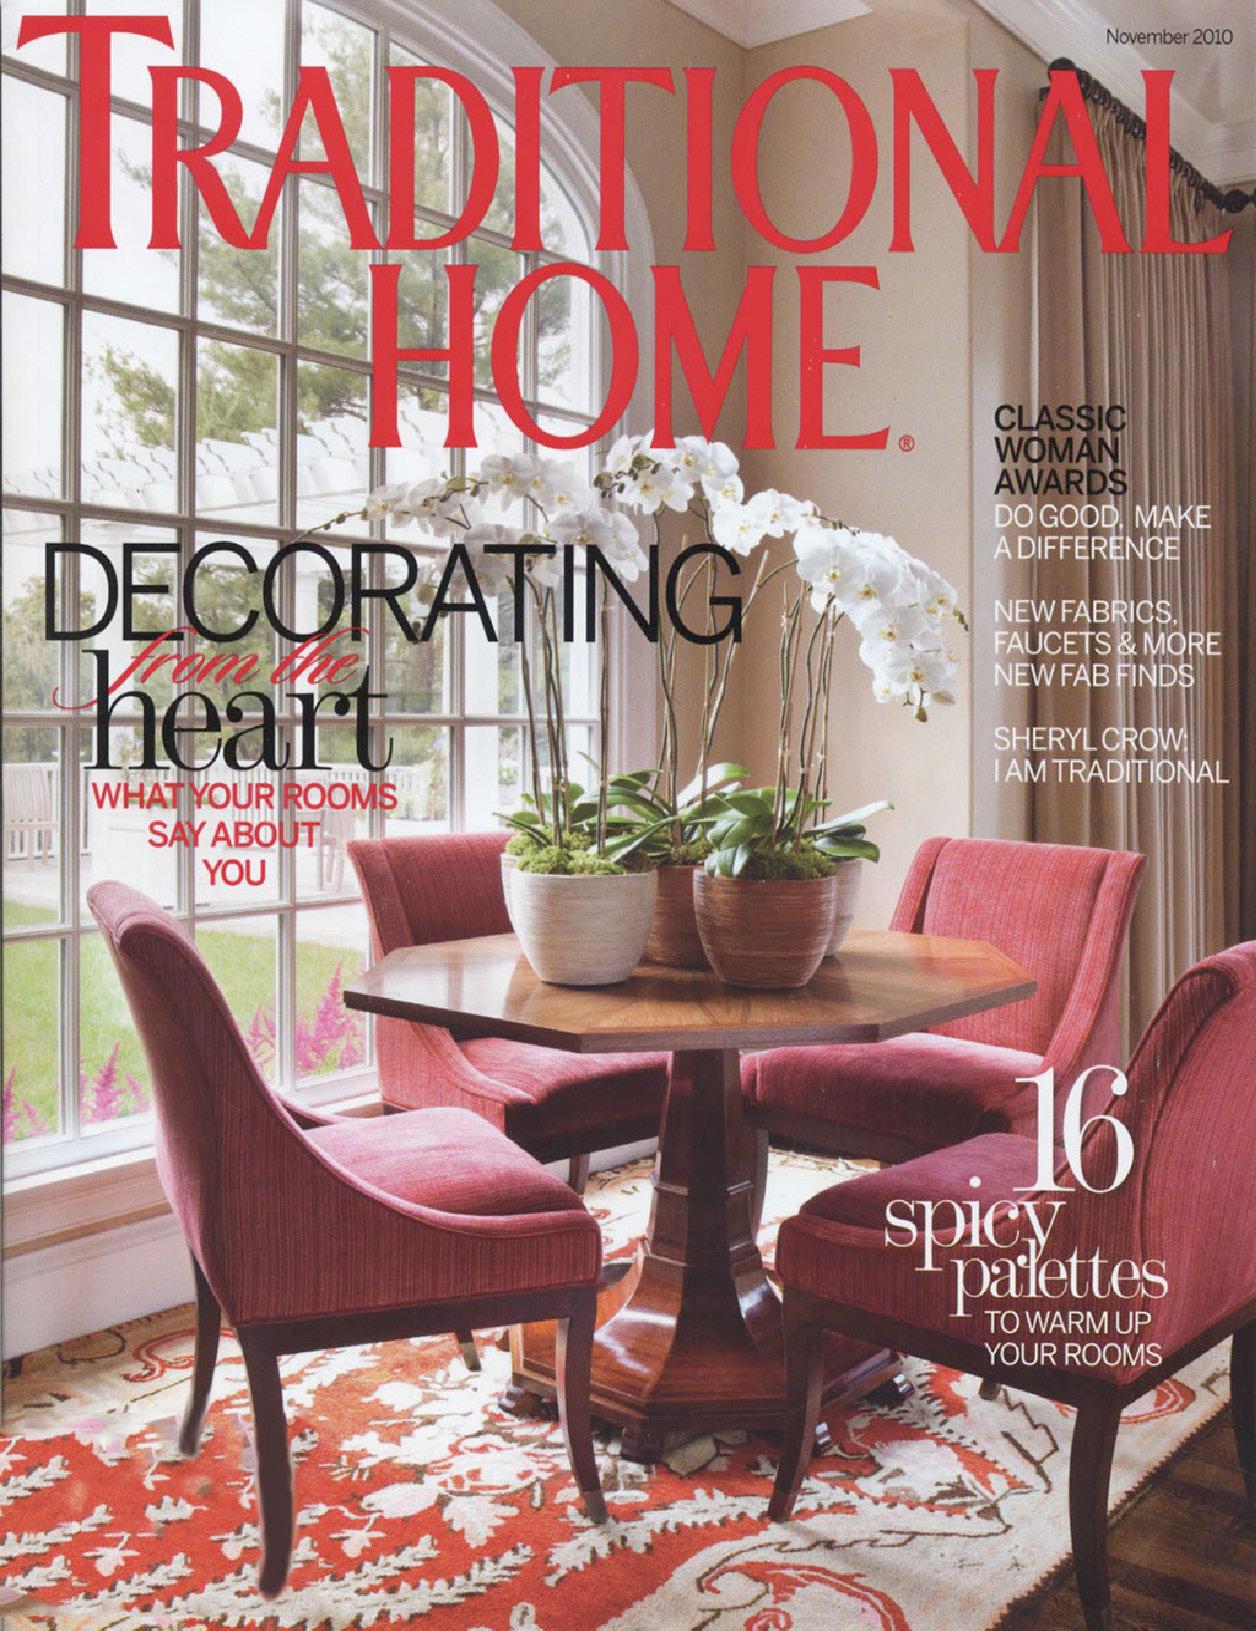 Traditional Home 2010 | Design Associates Inc.